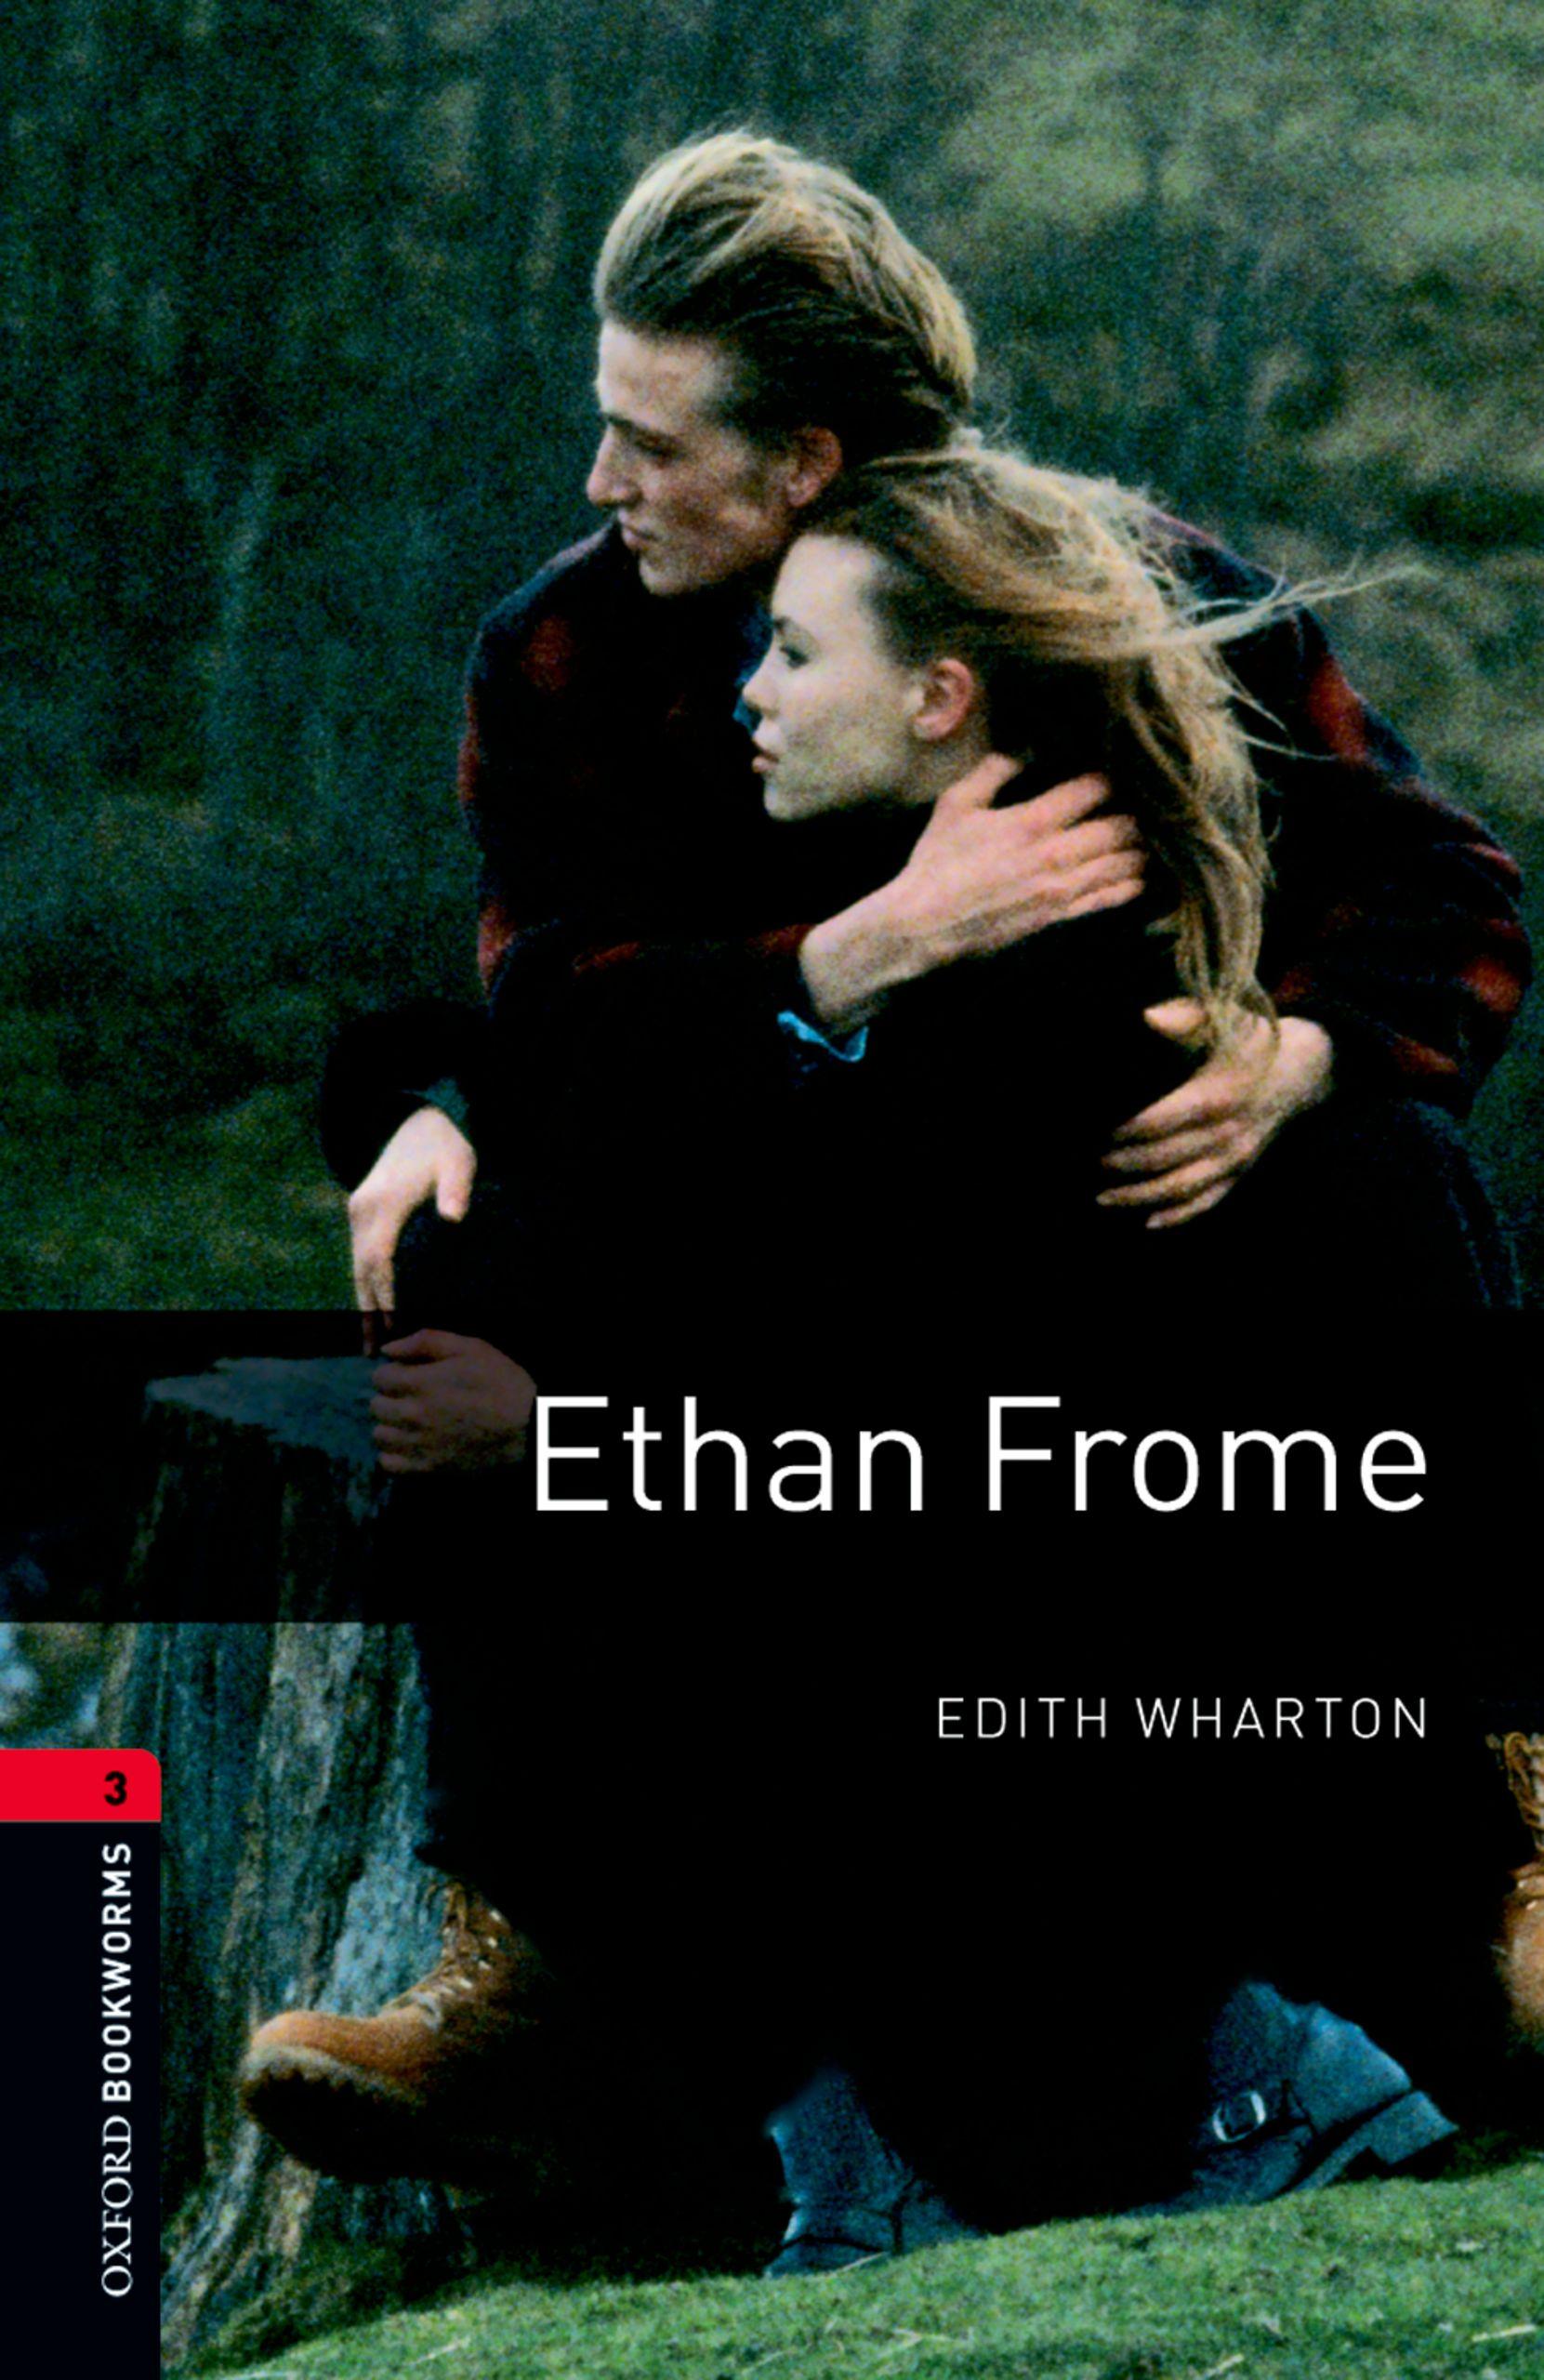 лучшая цена Edith Wharton Ethan Frome